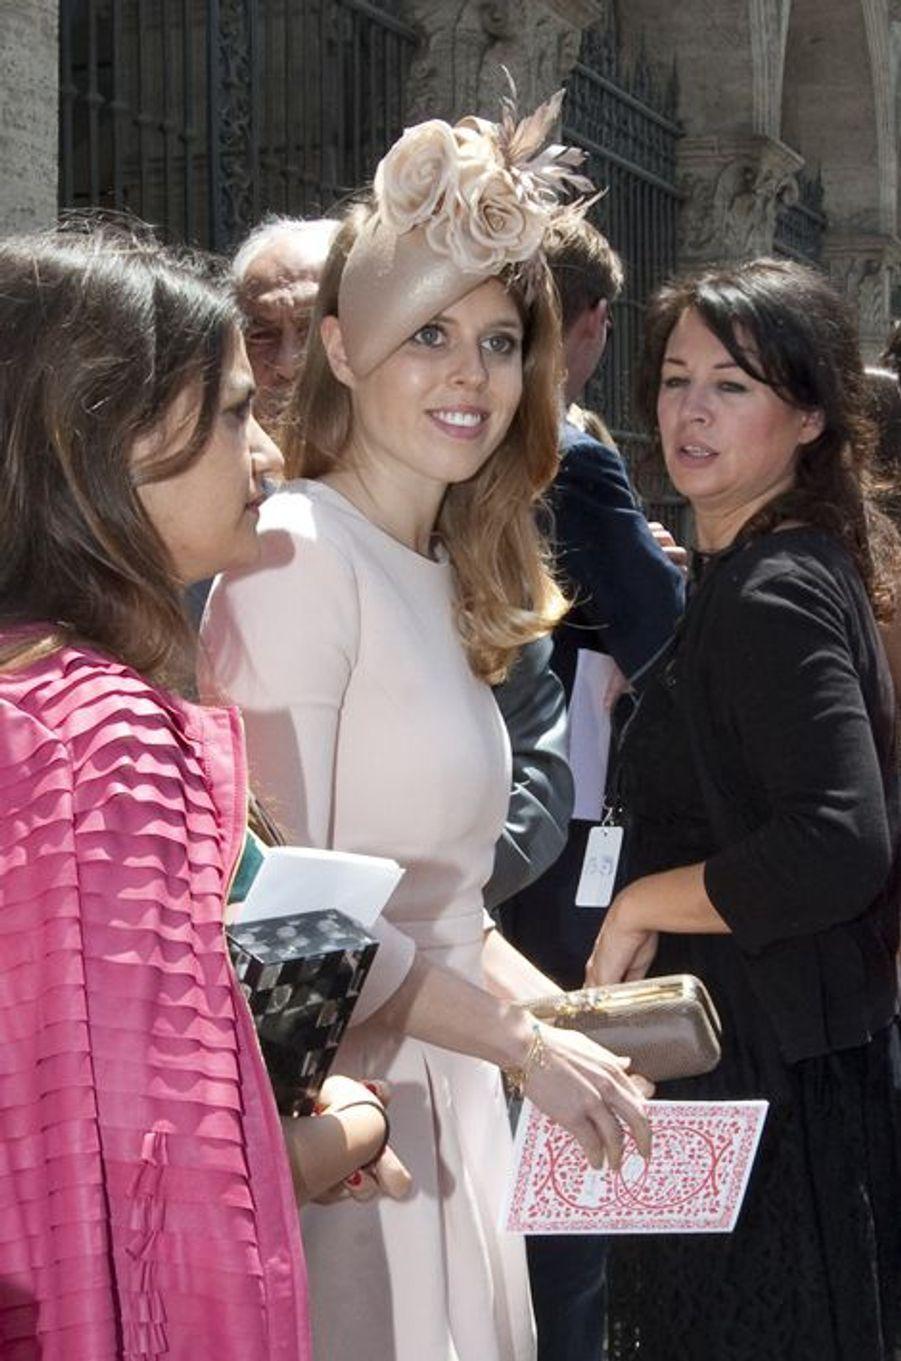 La princesse Beatrice d'York au mariage de Joseph Getty et Sabine Ghanem à Rome